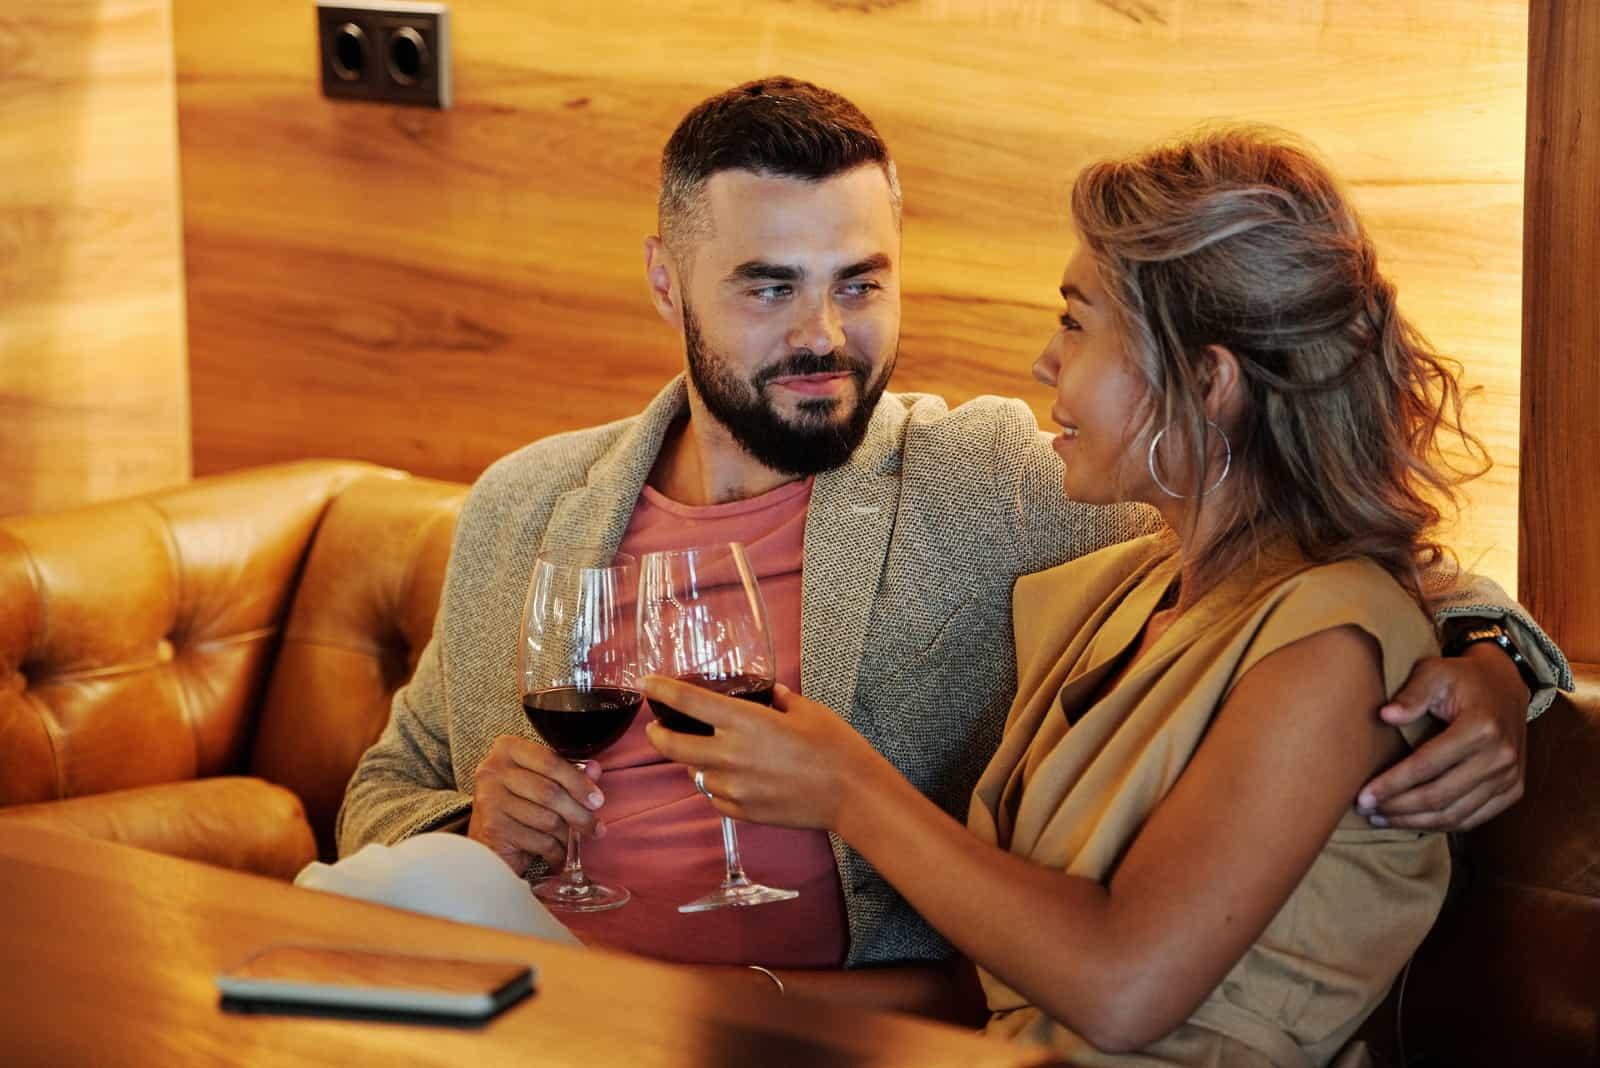 homme et femme buvant du vin au restaurant